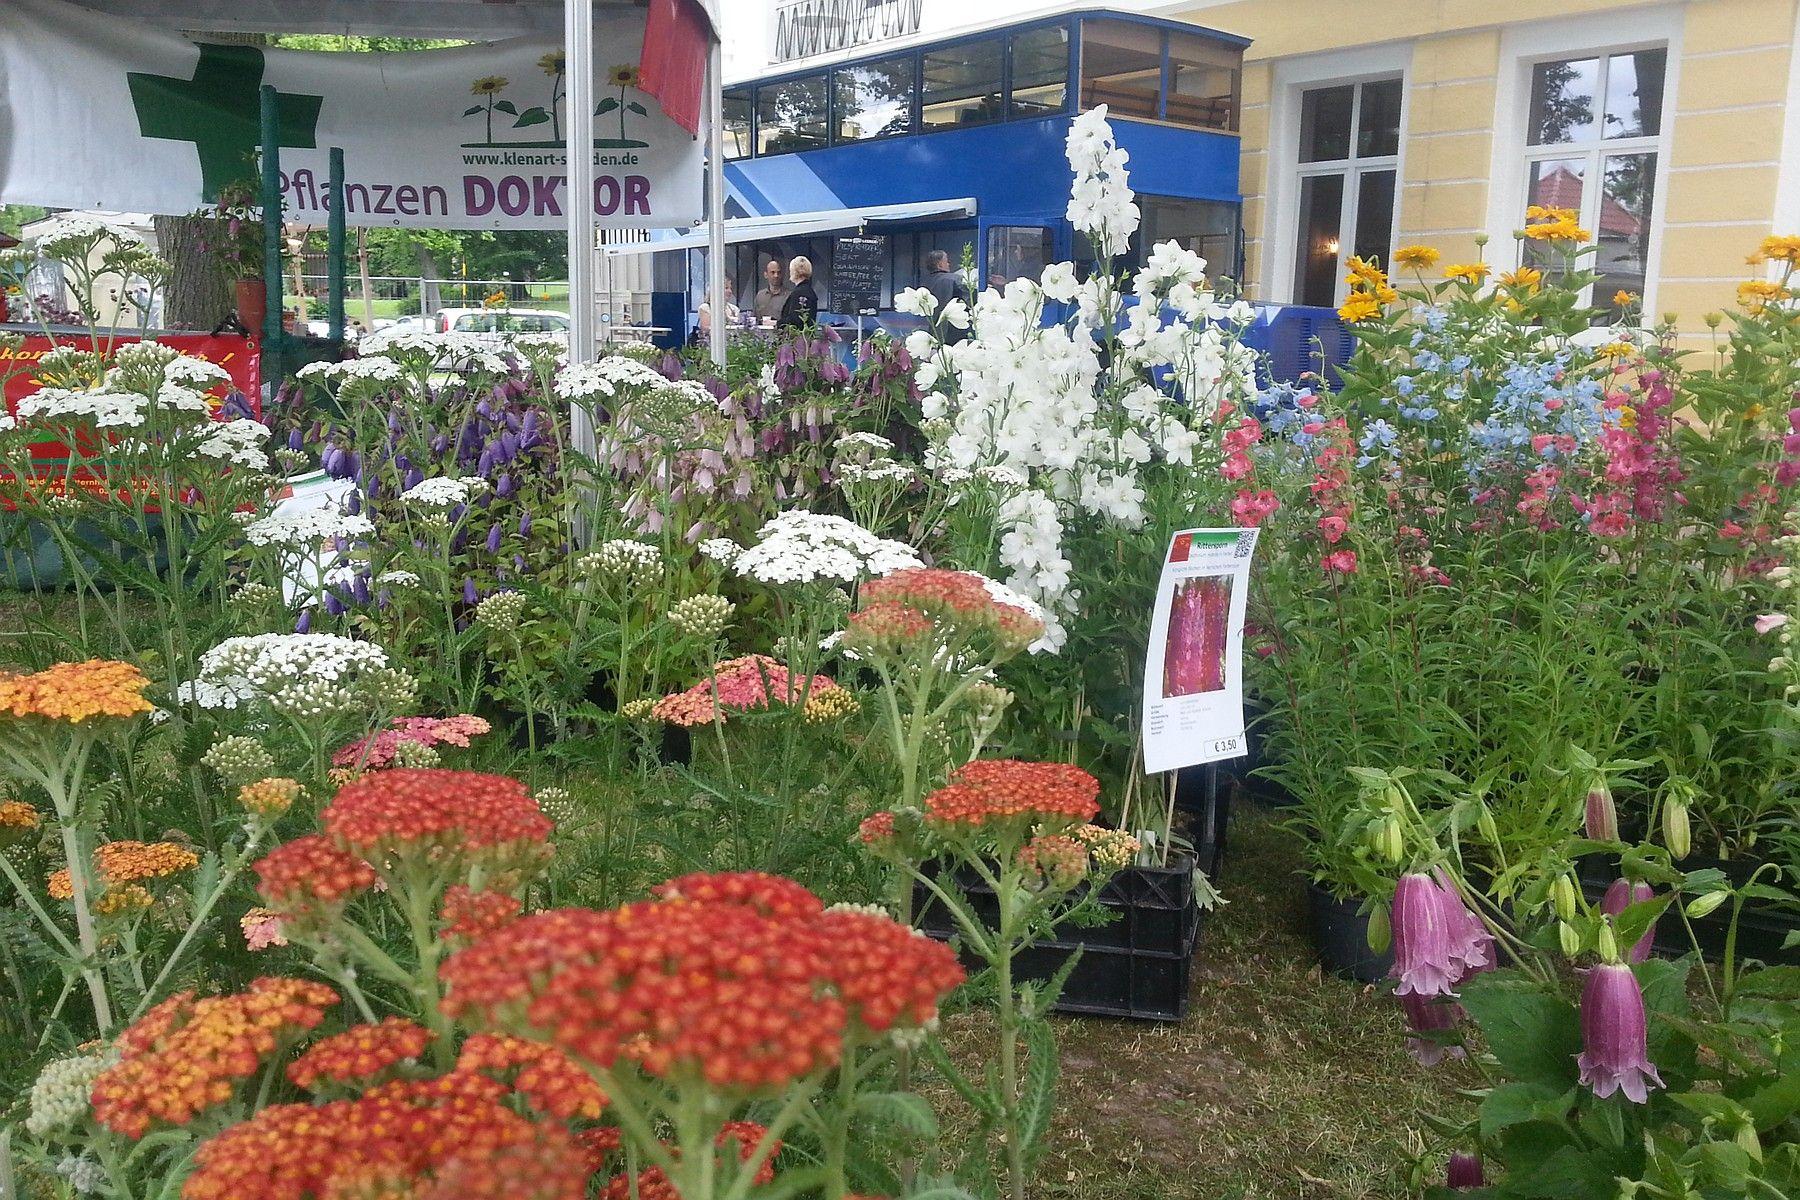 Messe-Markt-Pflanzenboerse